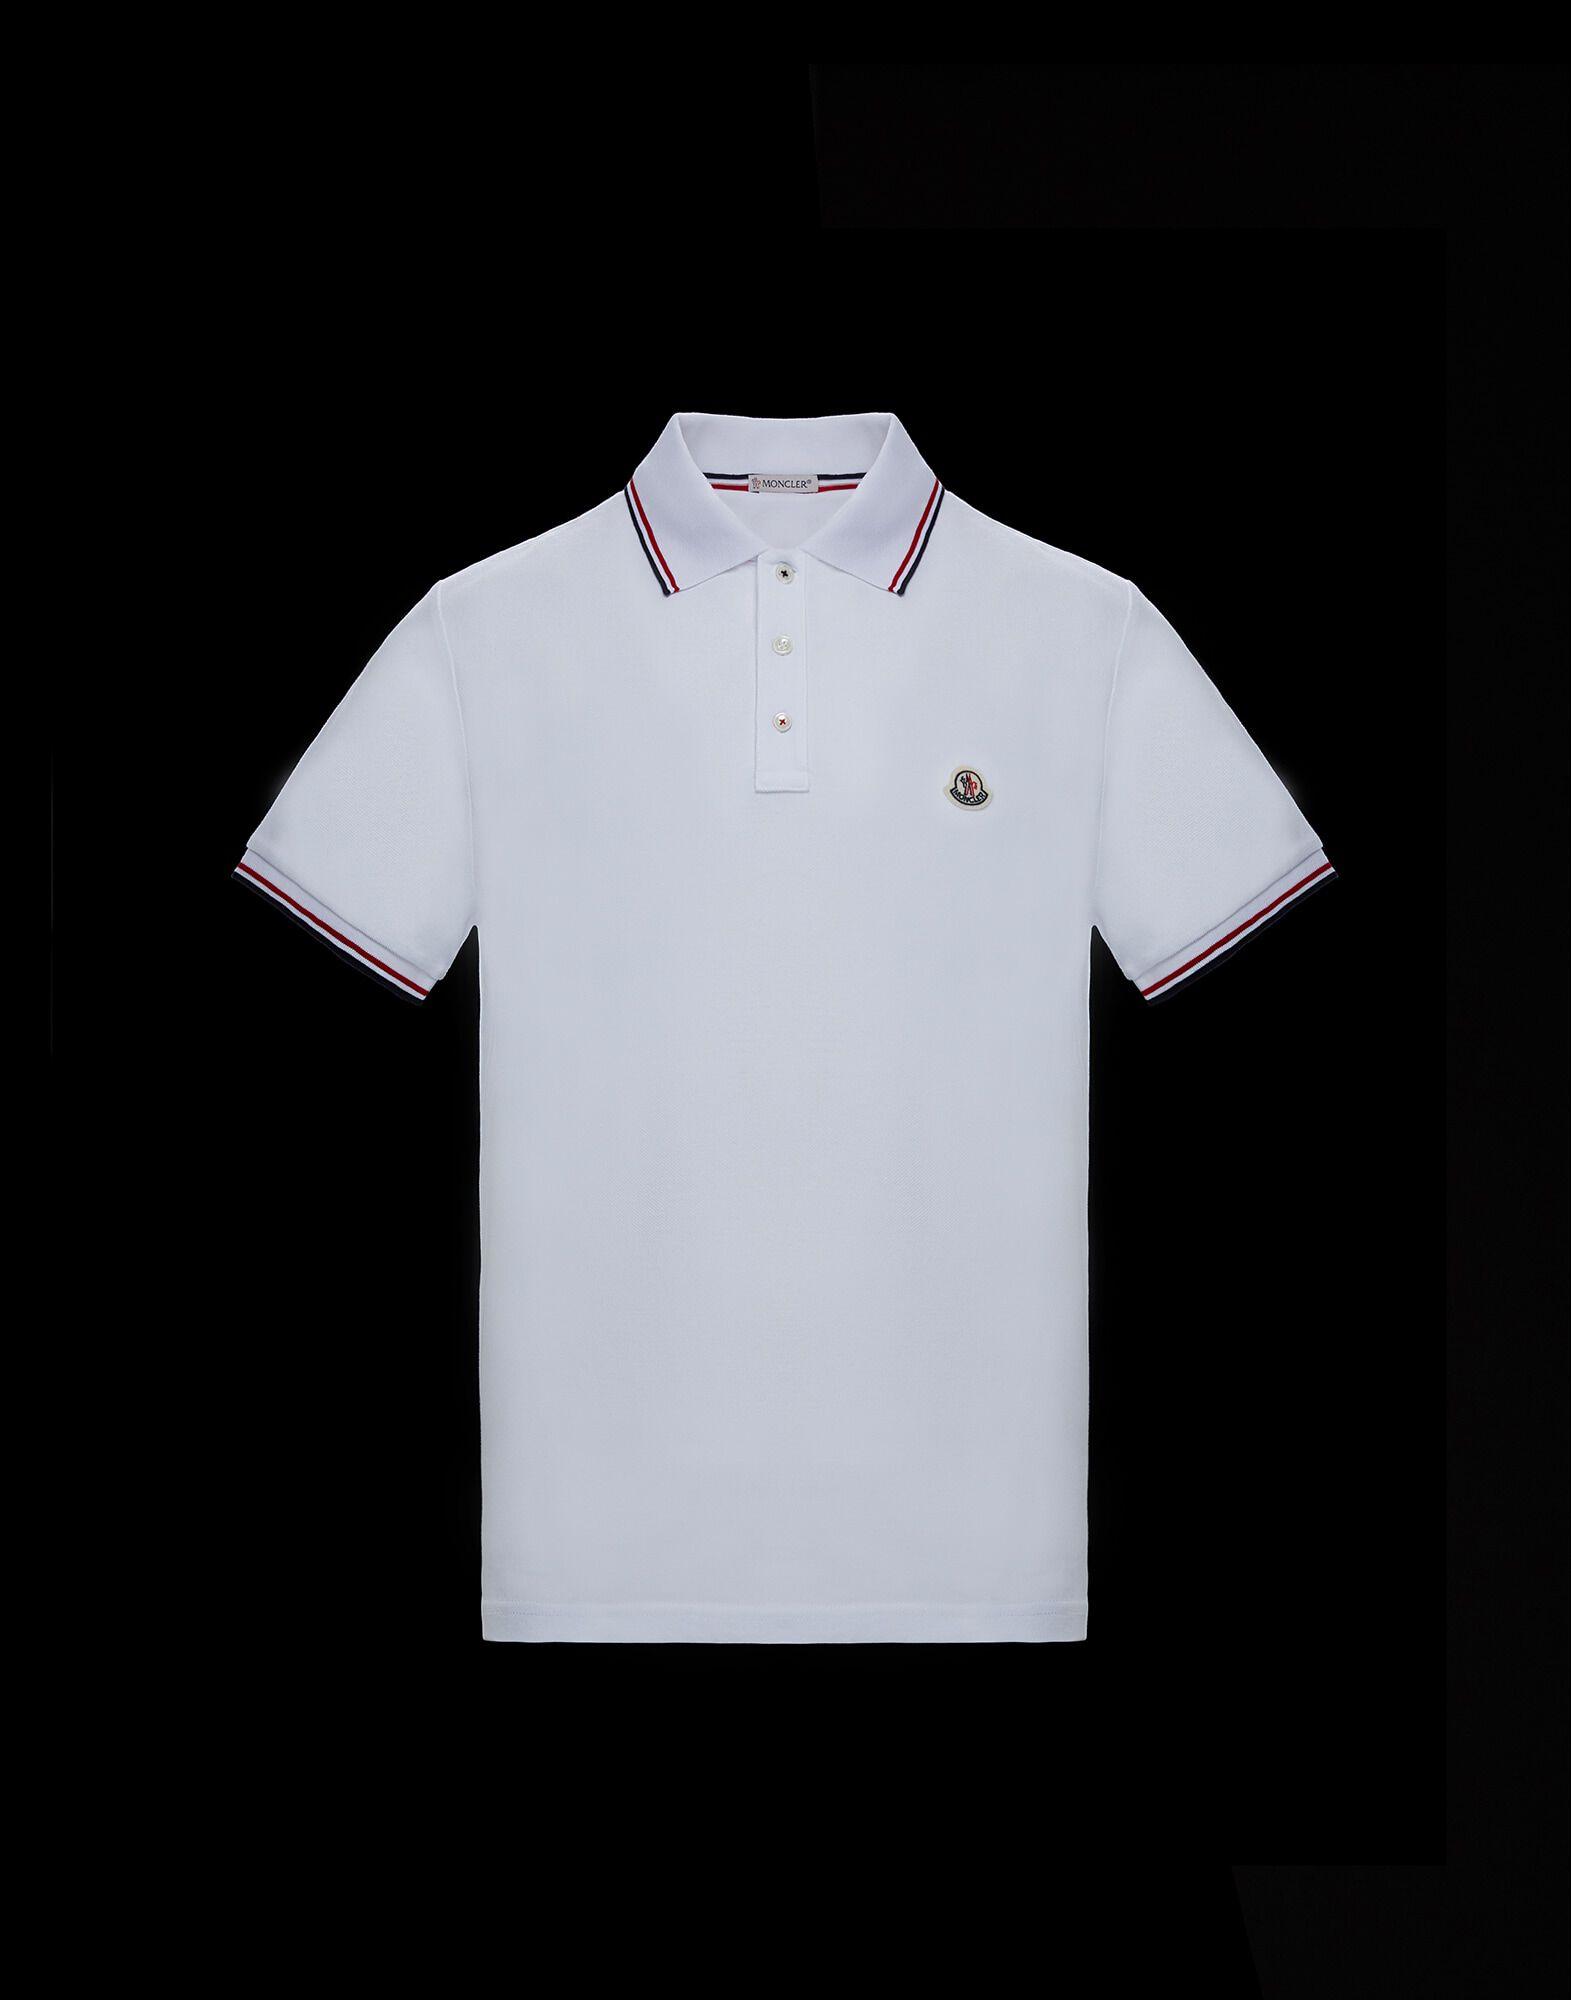 Short Sleeve Polo for men SS 19 Polo 3 color edging | Moncler Korea